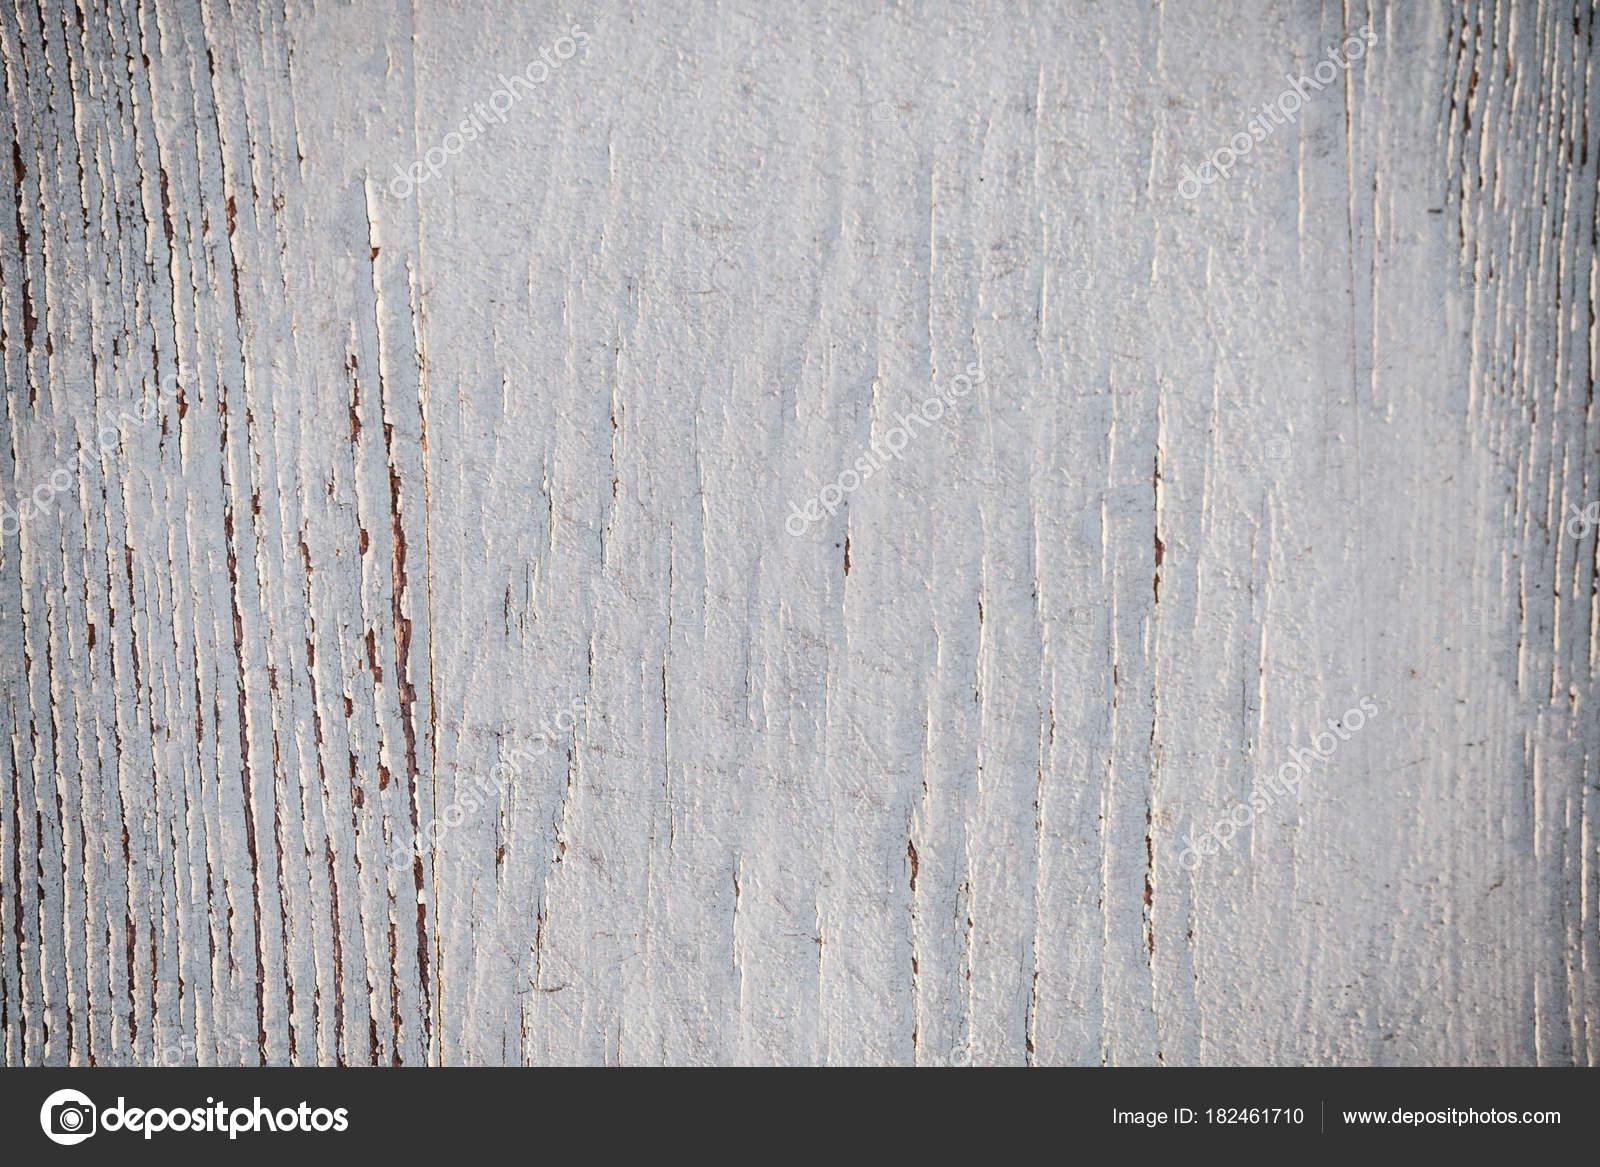 0a3fbe5d0cfd Υφή του παλιό ξύλινο τοίχο βαμμένο σε λευκό χρώμα